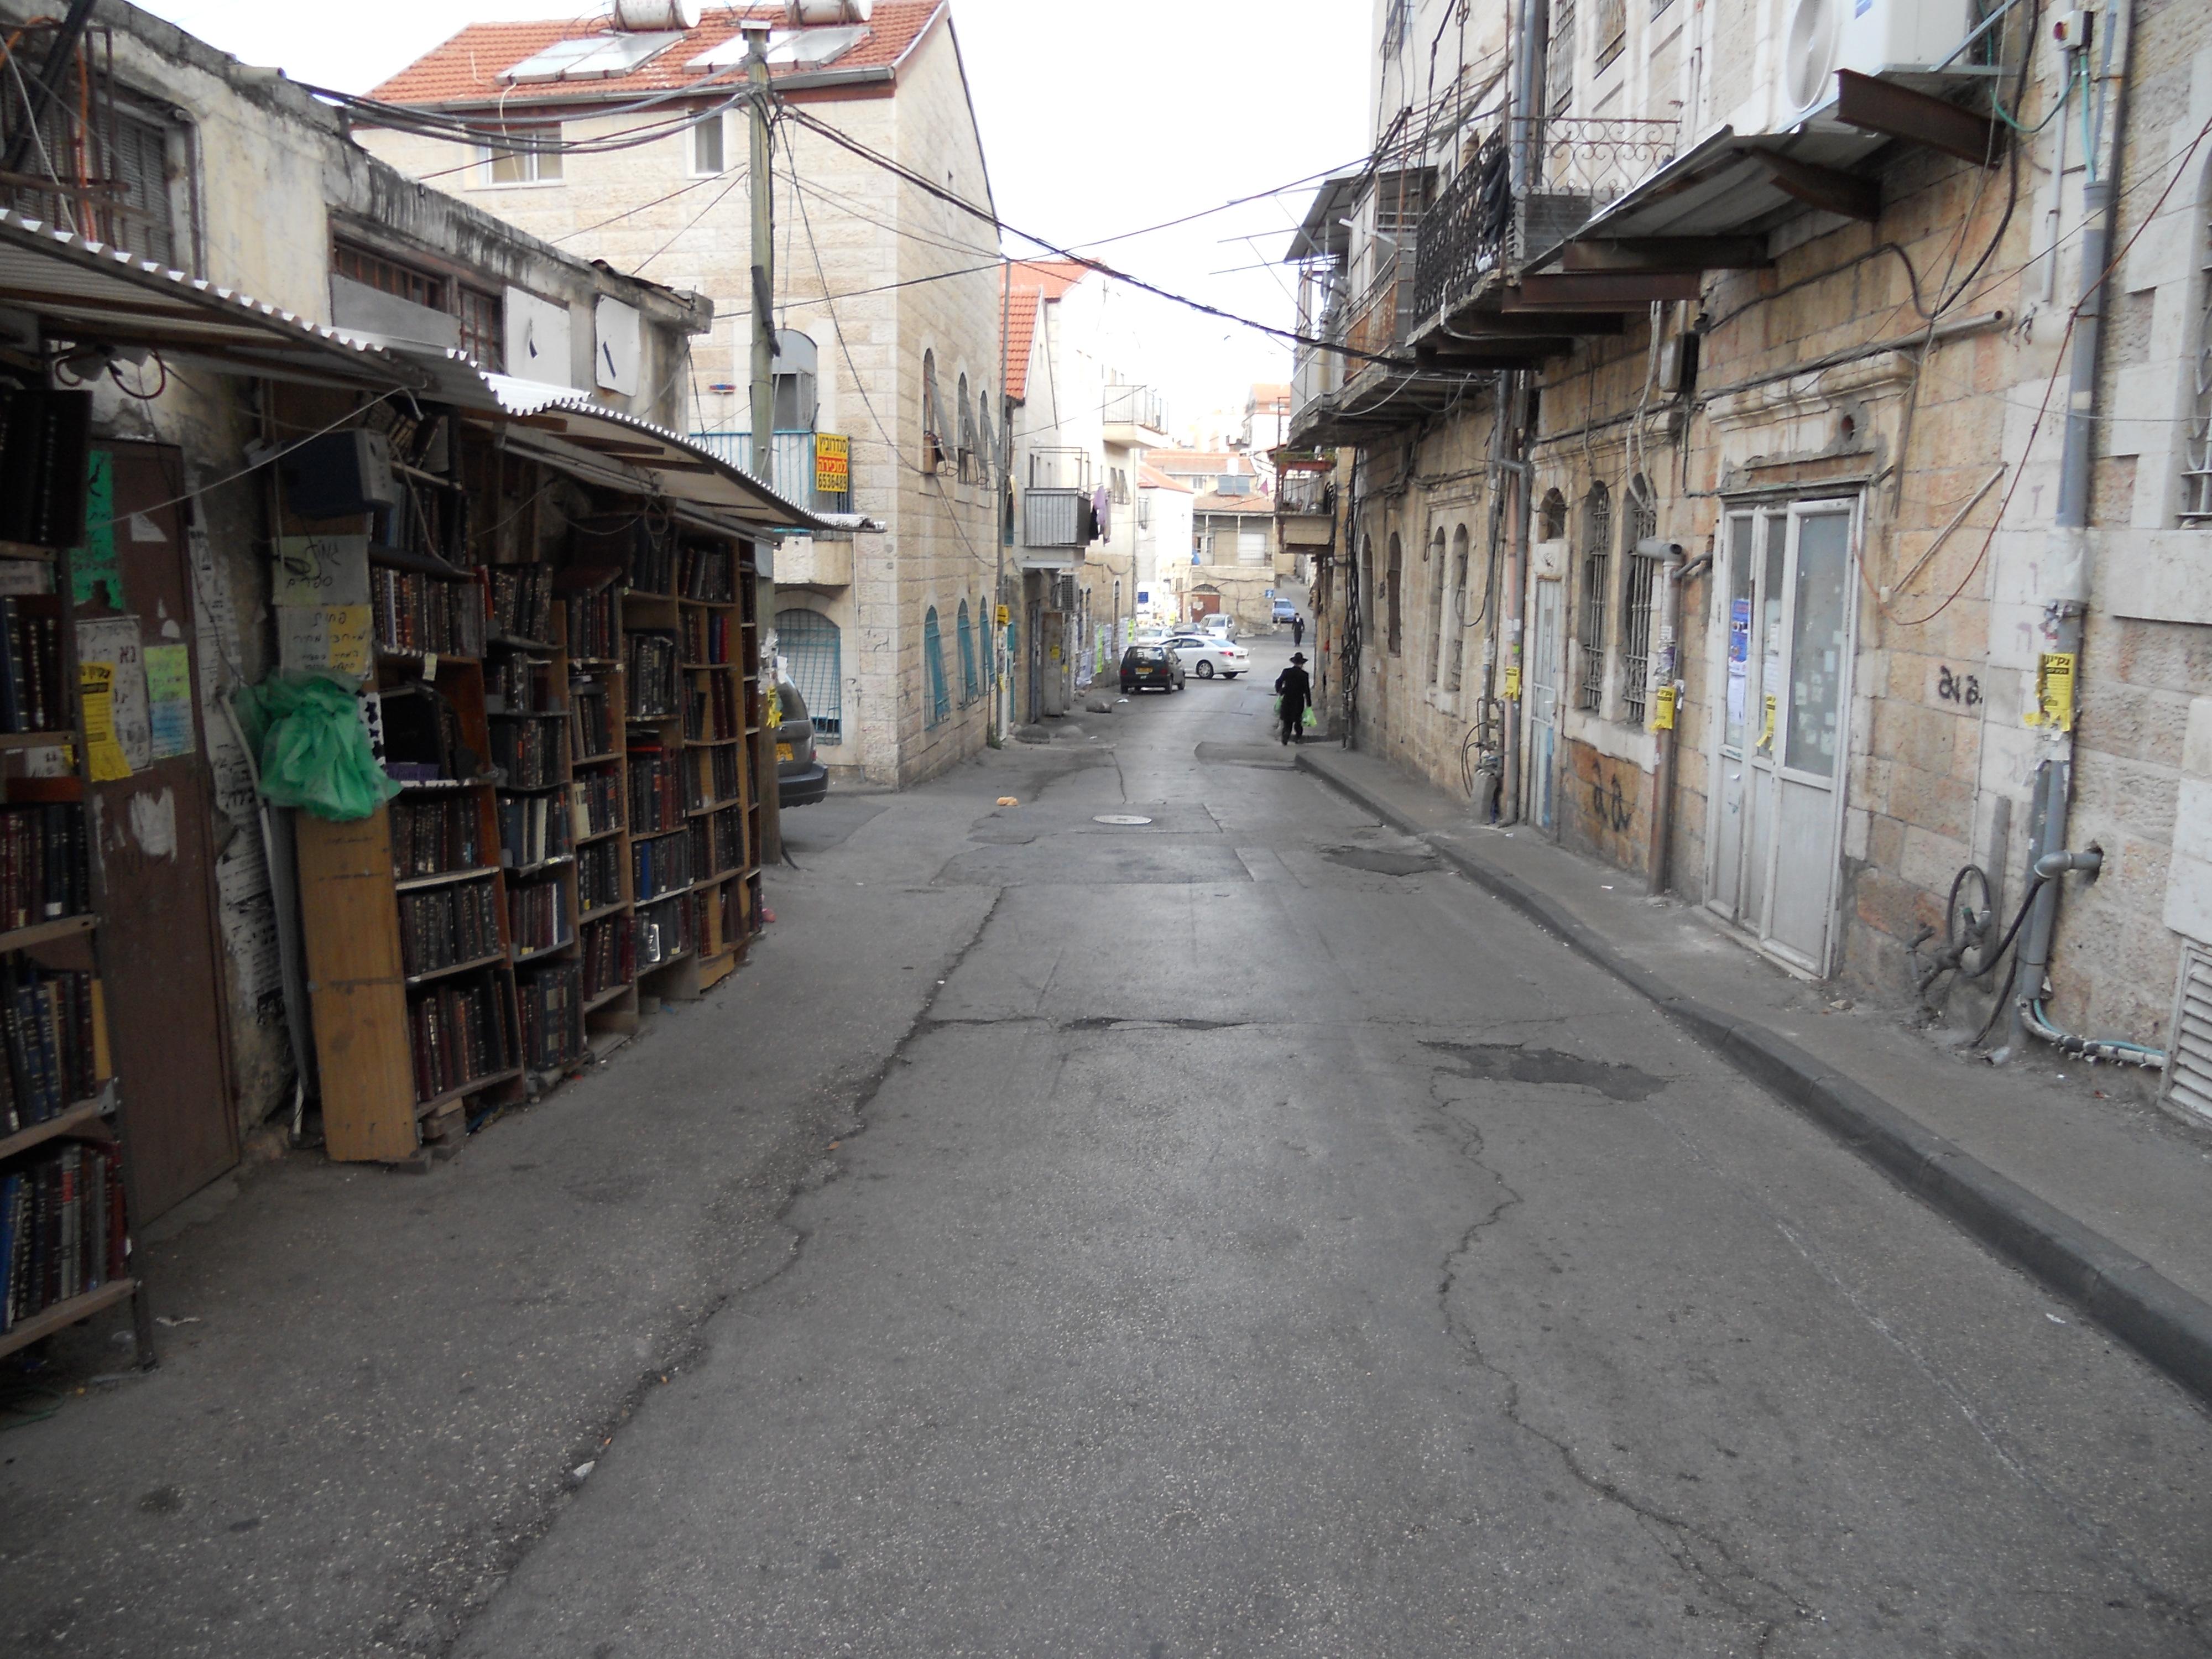 רחוב_זוננפלד_בירושלים - שכונת בית ישראל